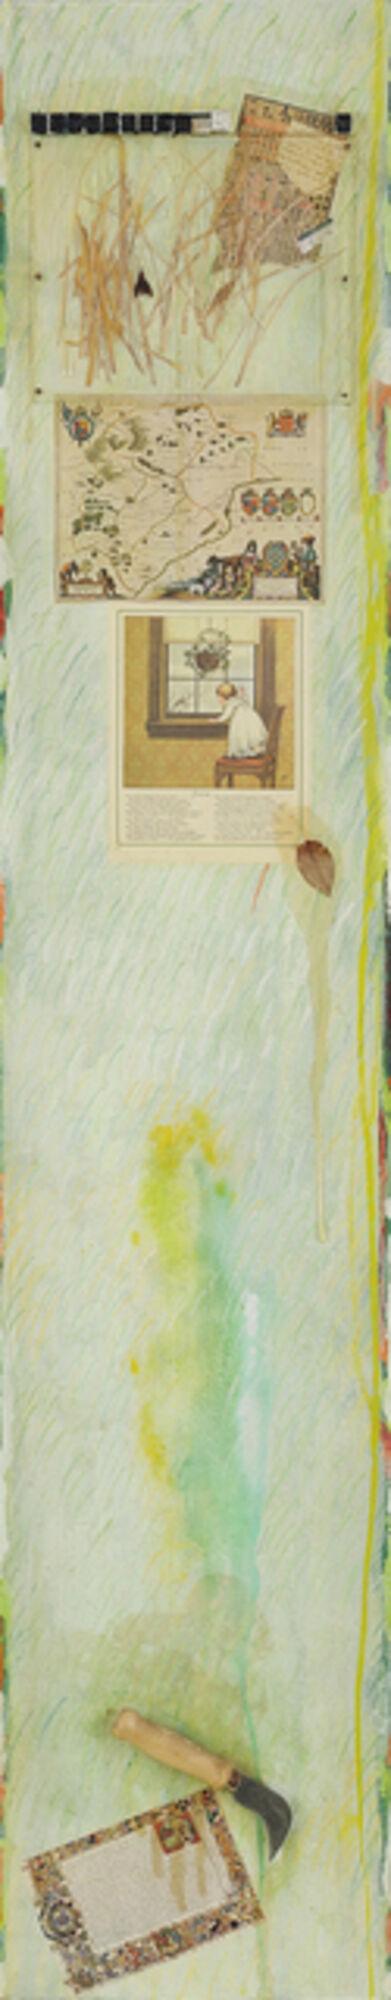 Elwyn Lynn, 'Lincoln', 1974